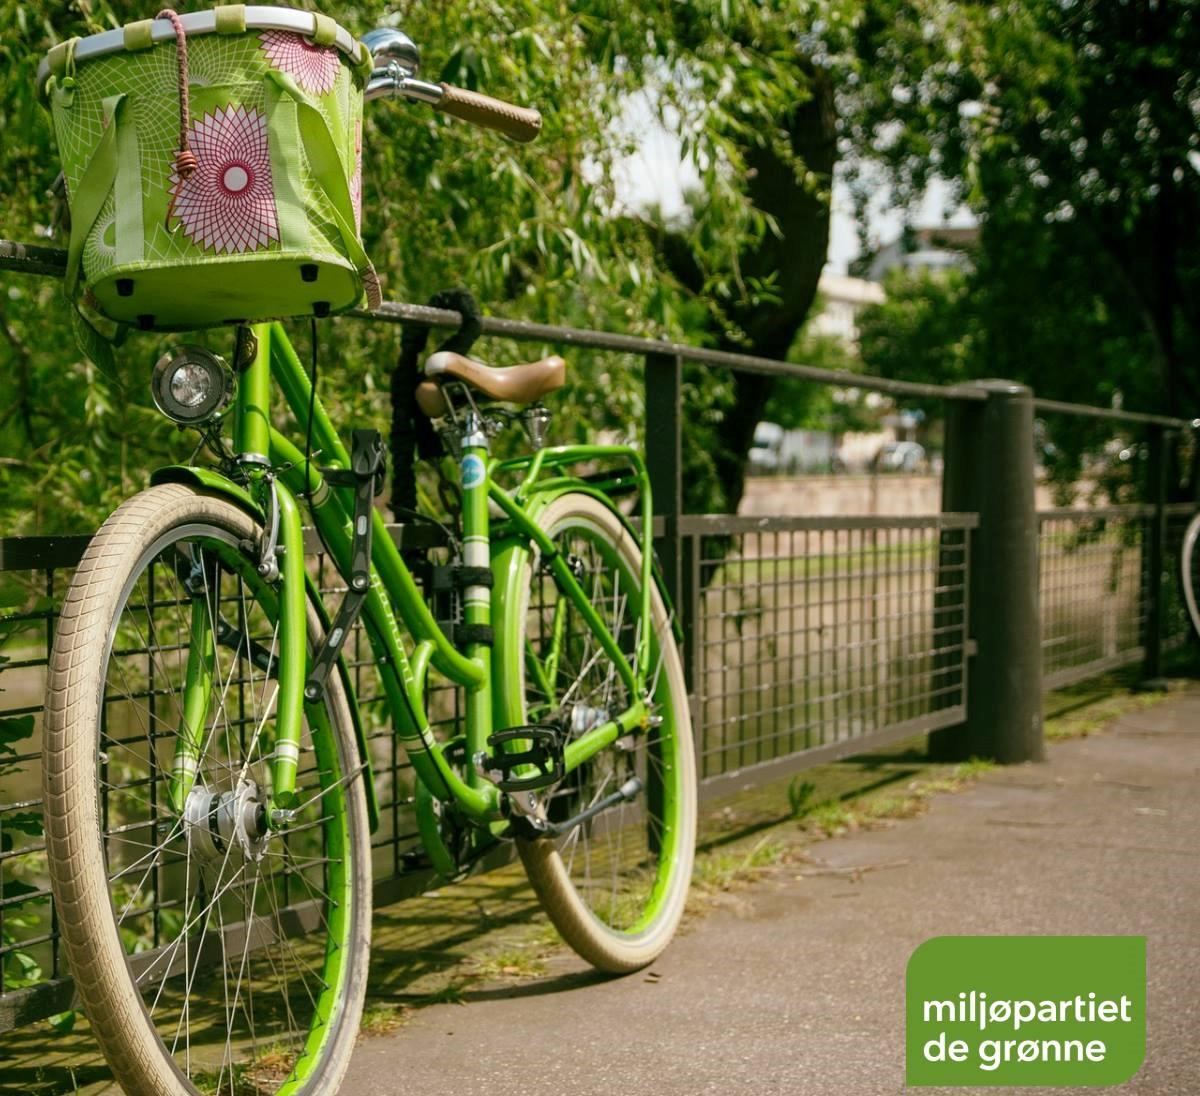 Grønn sykkel lent mot et gjerde